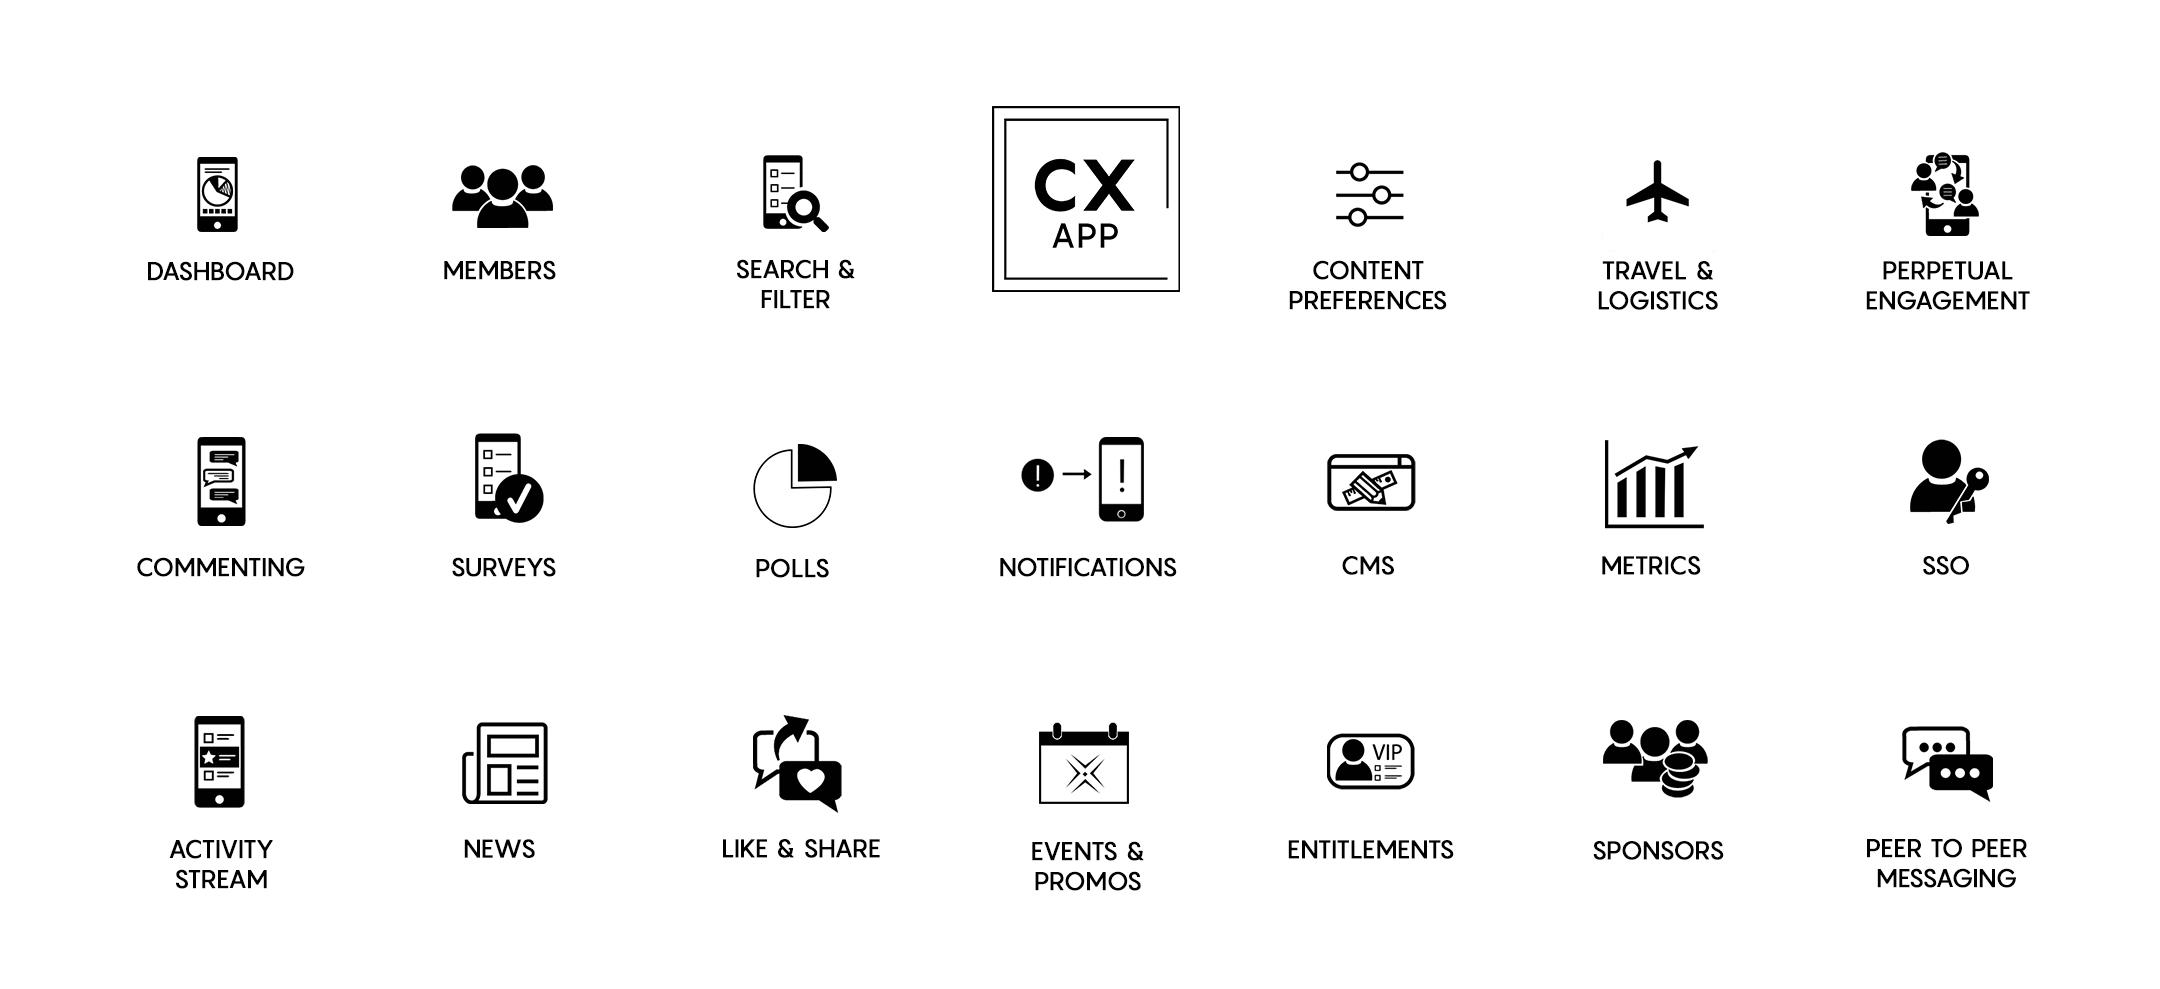 cxapp.io communities features